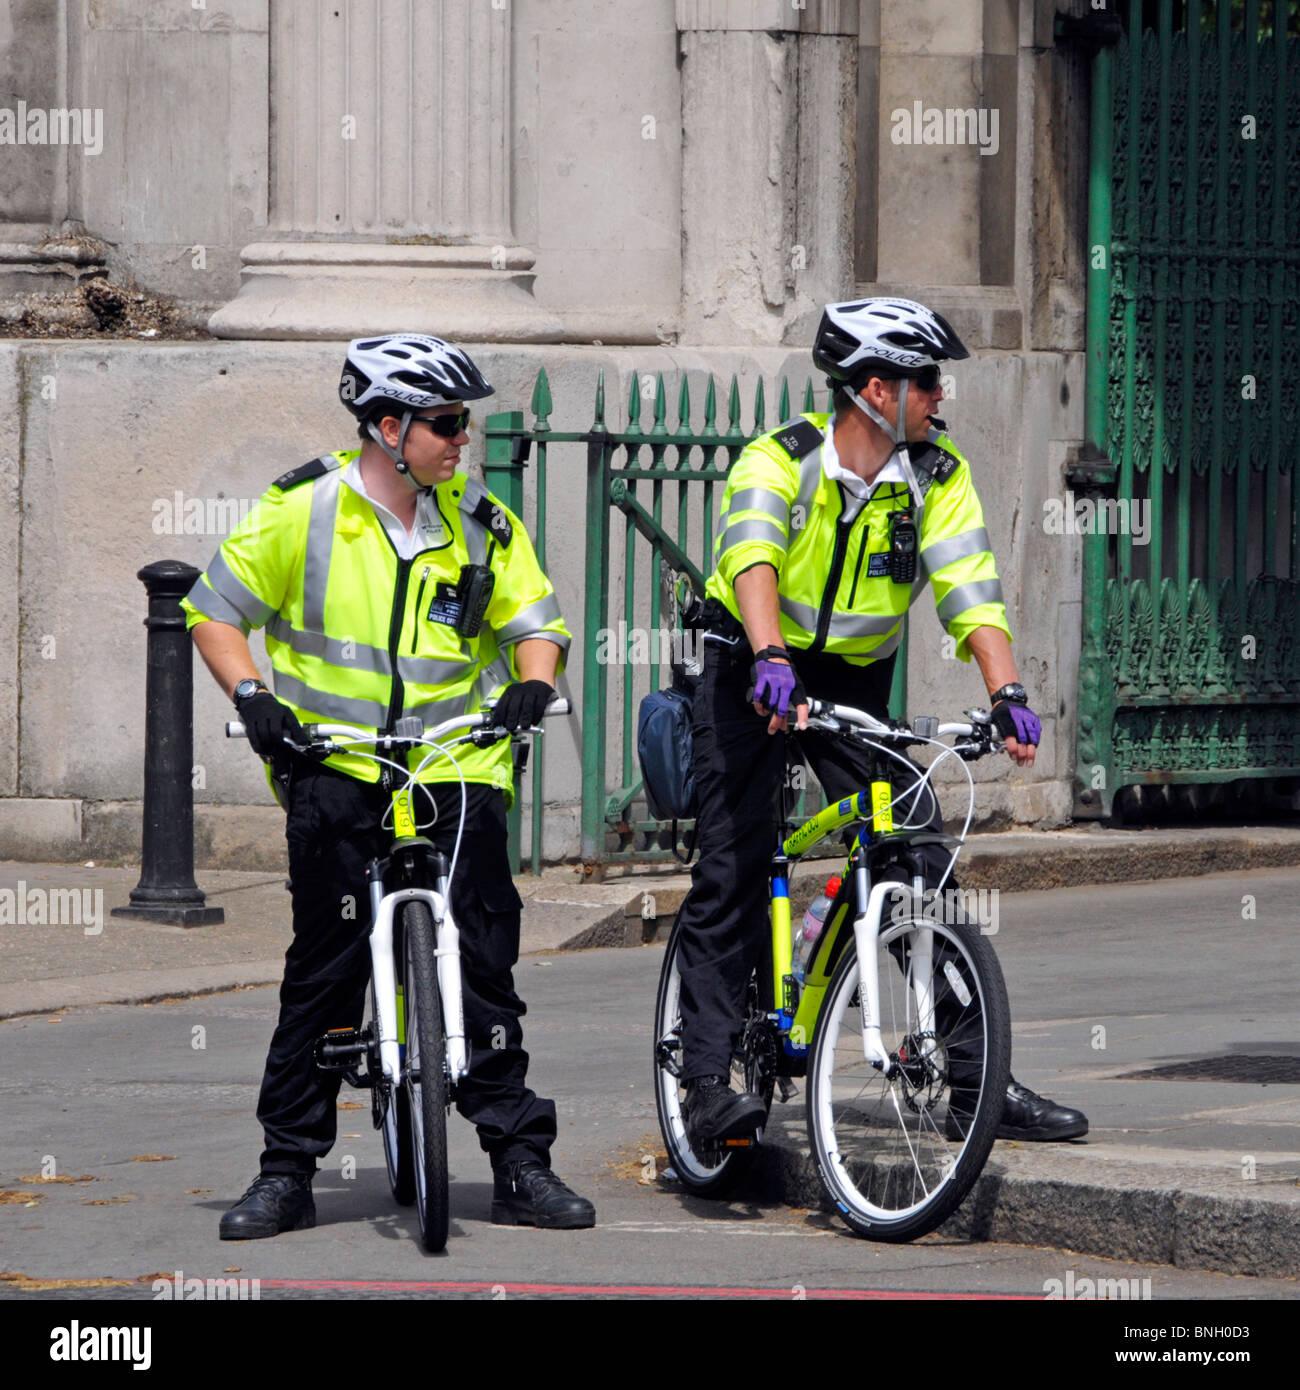 Agents de la Police métropolitaine sur des vélos Photo Stock